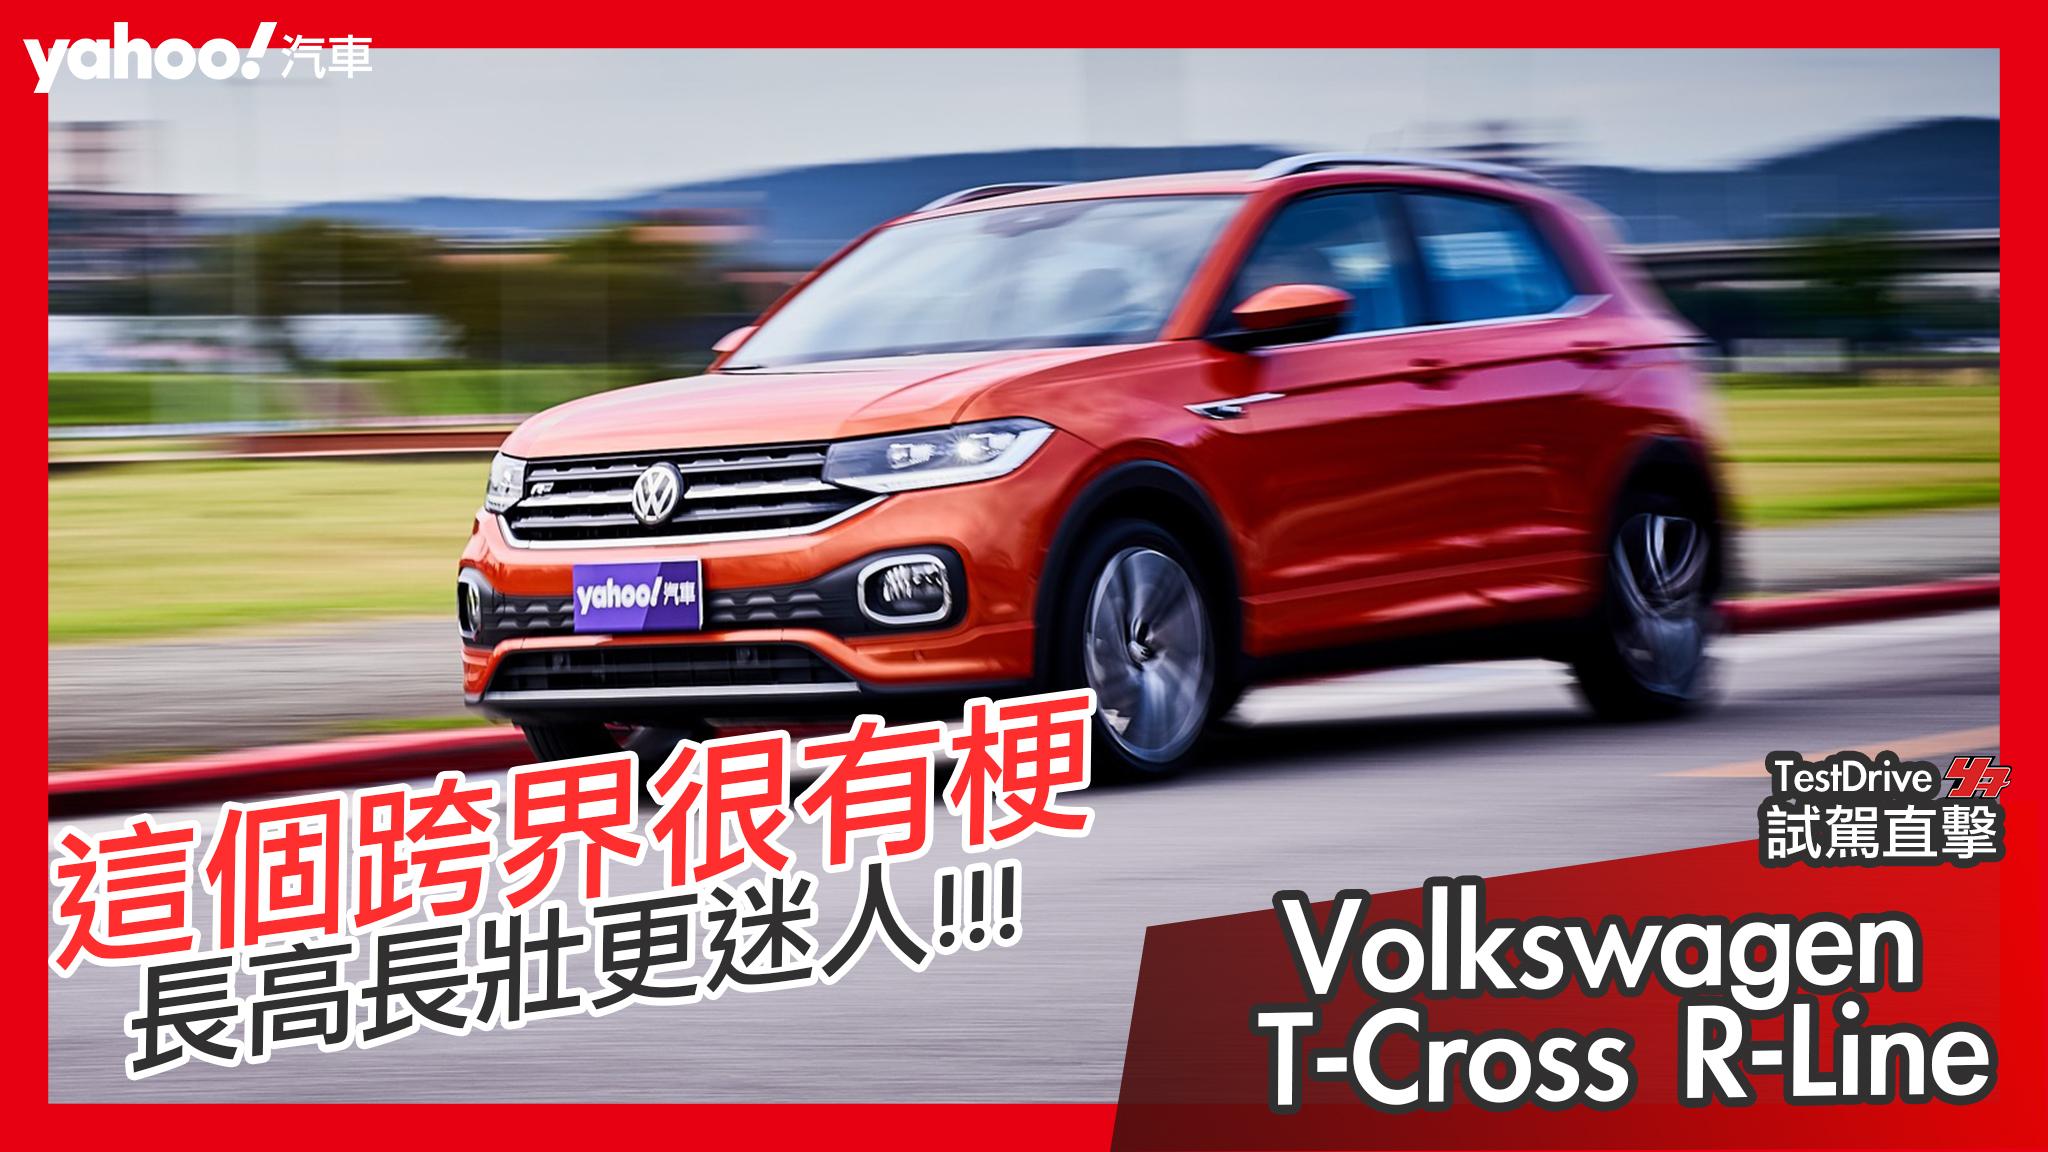 【試駕直擊】長大後、更迷人!Volkswagen T-Cross R-Line台北城郊試駕!